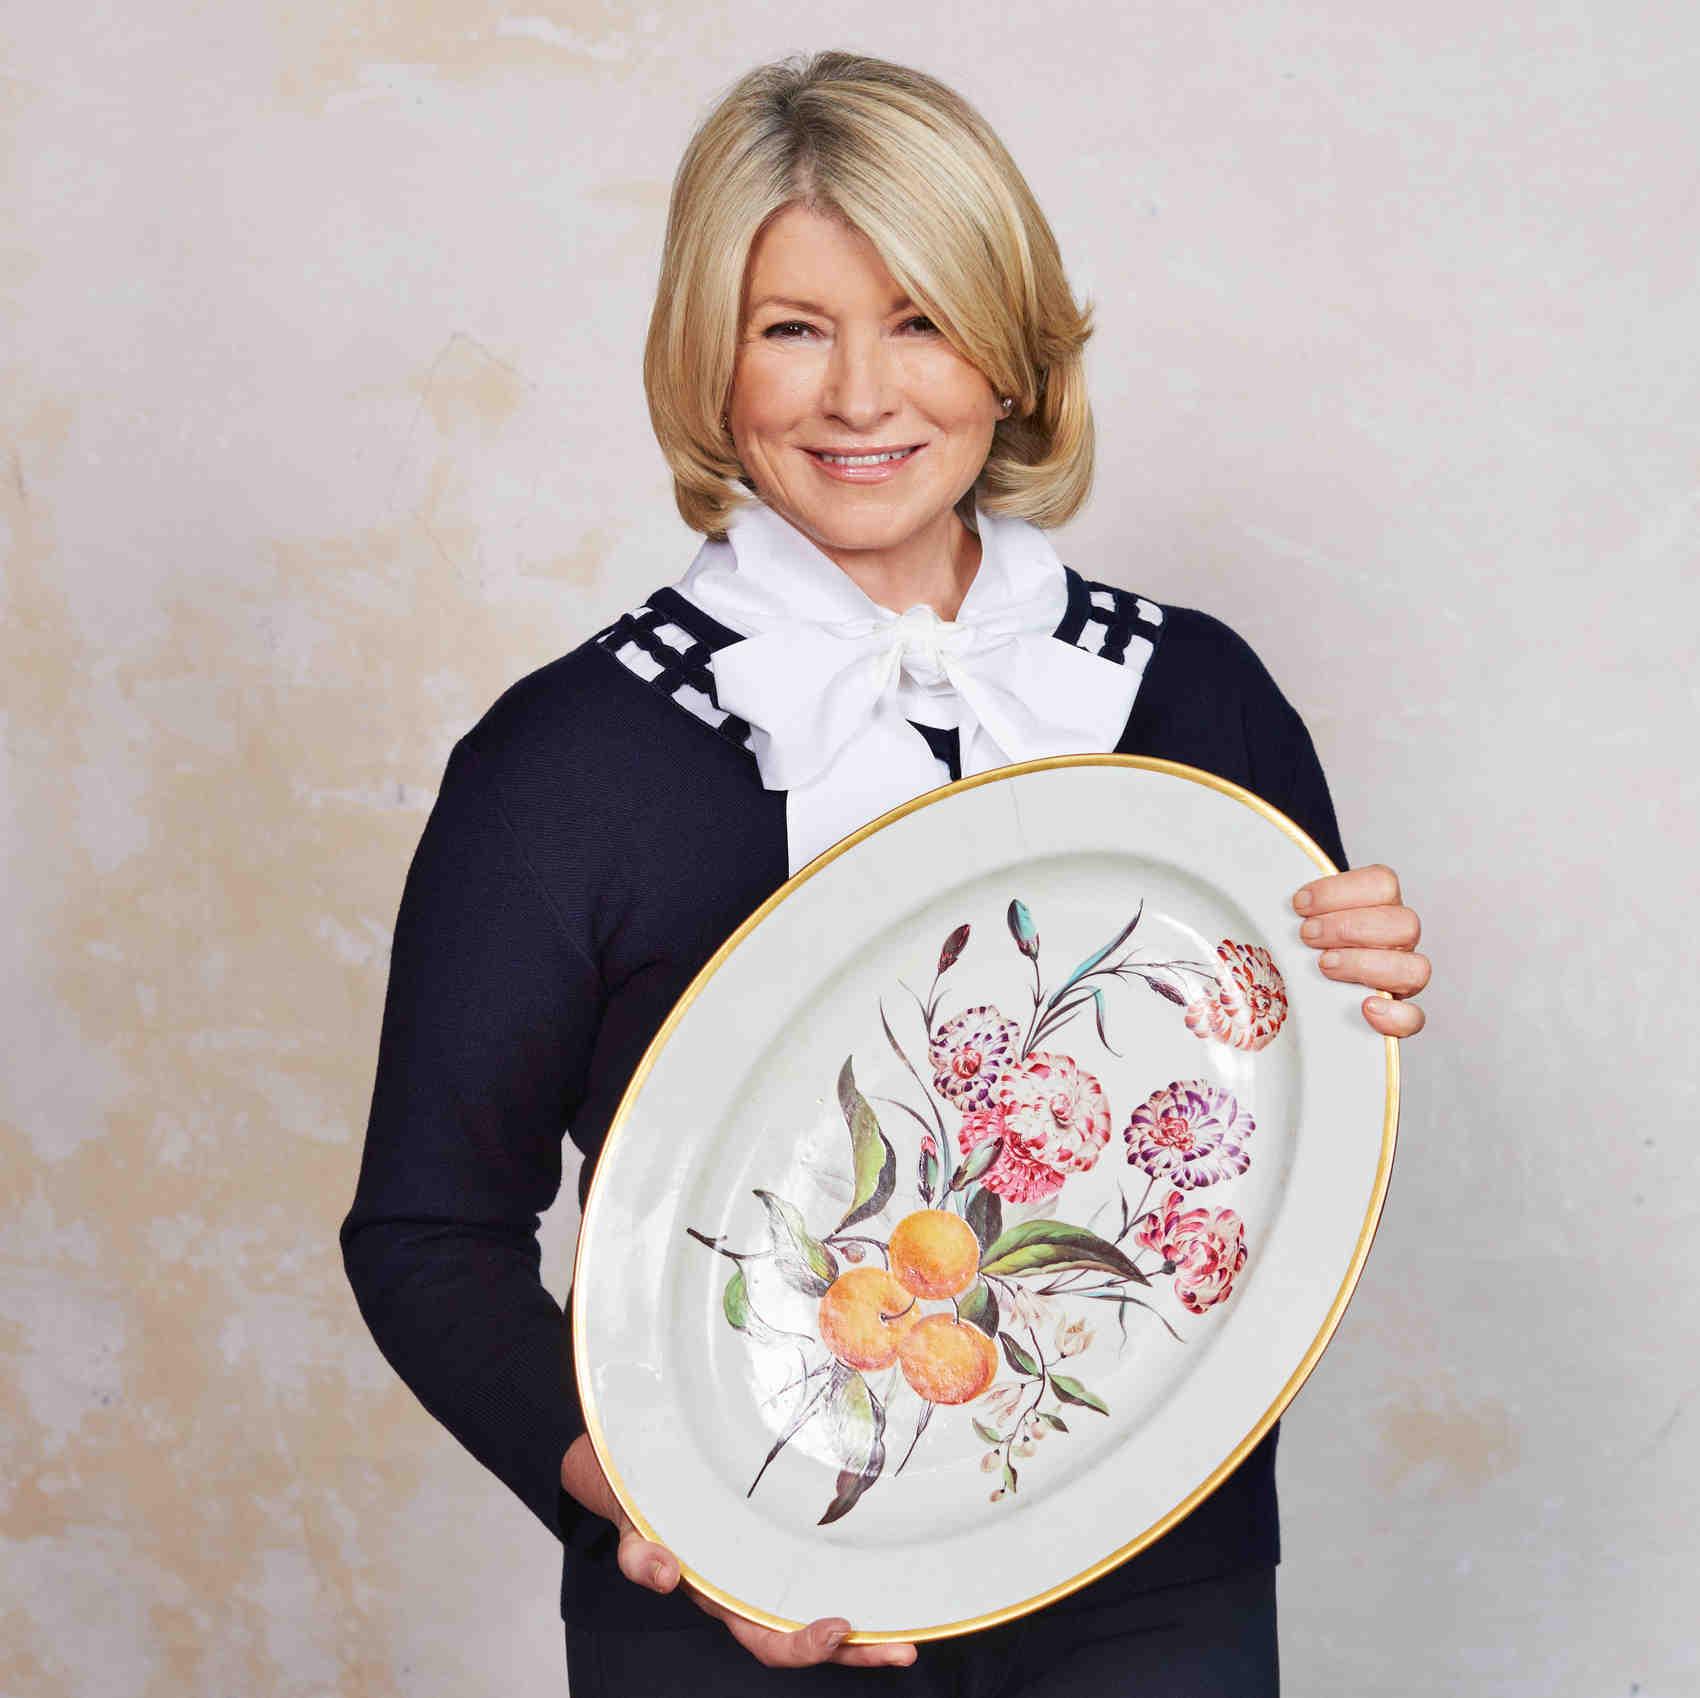 martha-porcelain-platter-103314691